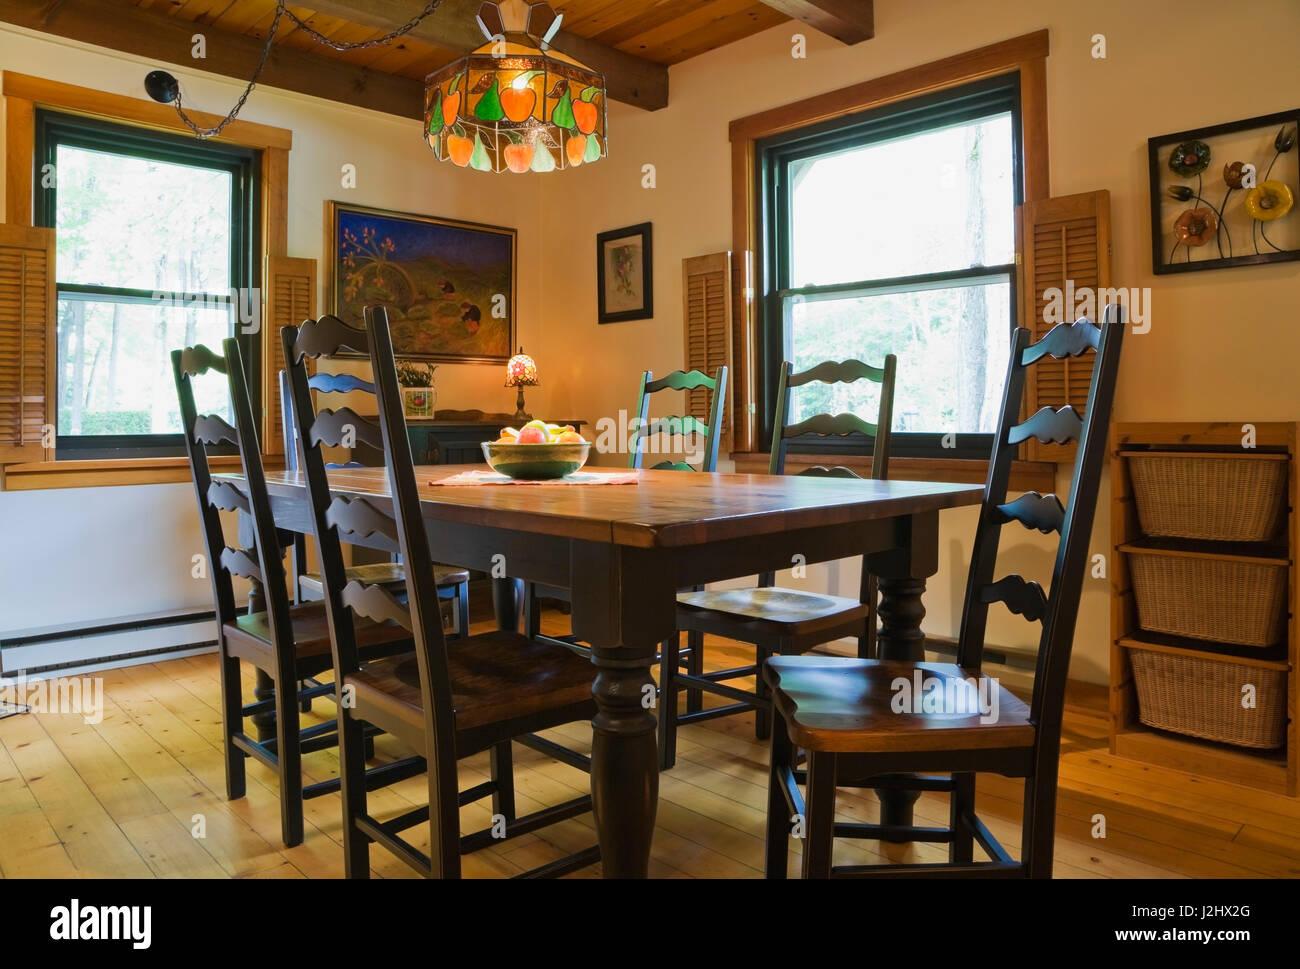 Esszimmer Mit Antiken Hölzernen Esstisch Und Stühle Mit Hoher Rückenlehne  In Einem Canadiana Landhausstil Home Log